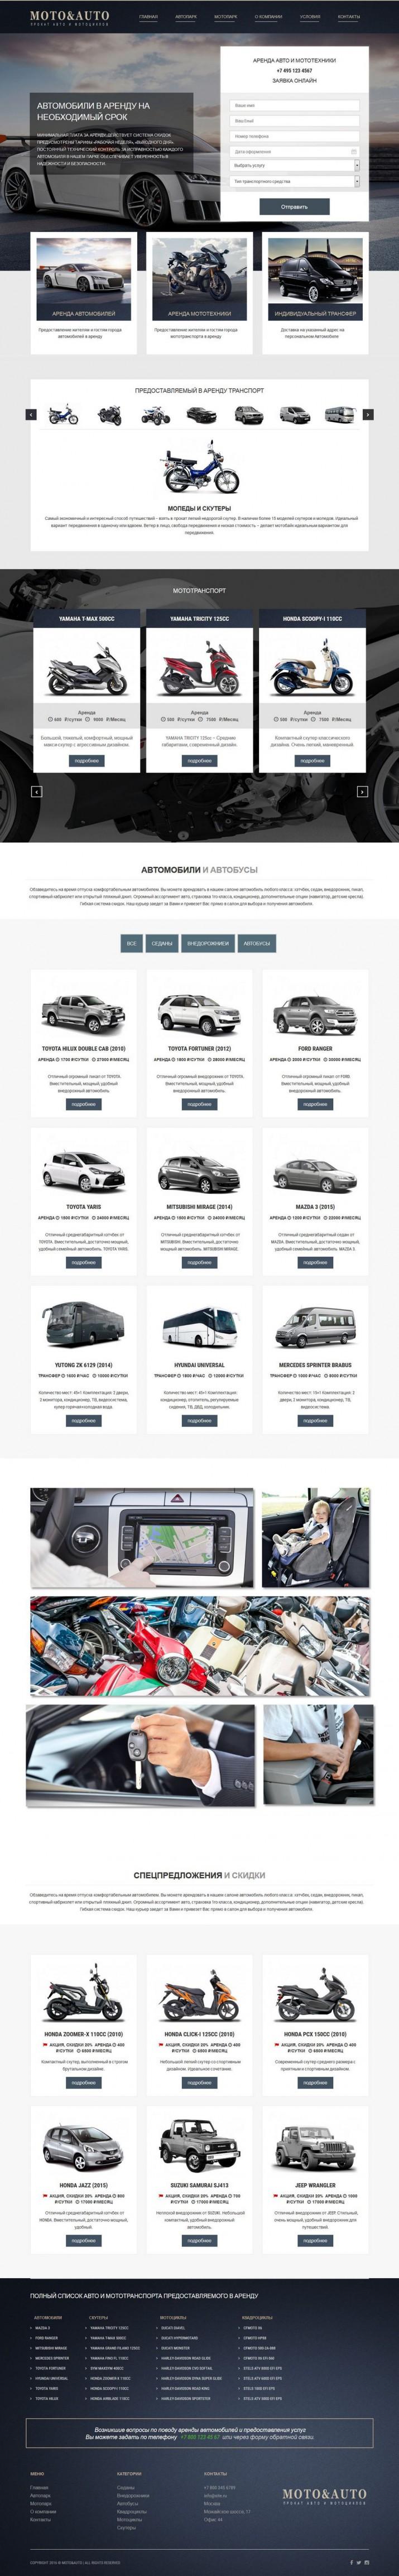 Шаблон сайта аренды мото и авто техники Dle 11.0 за 3500 руб.